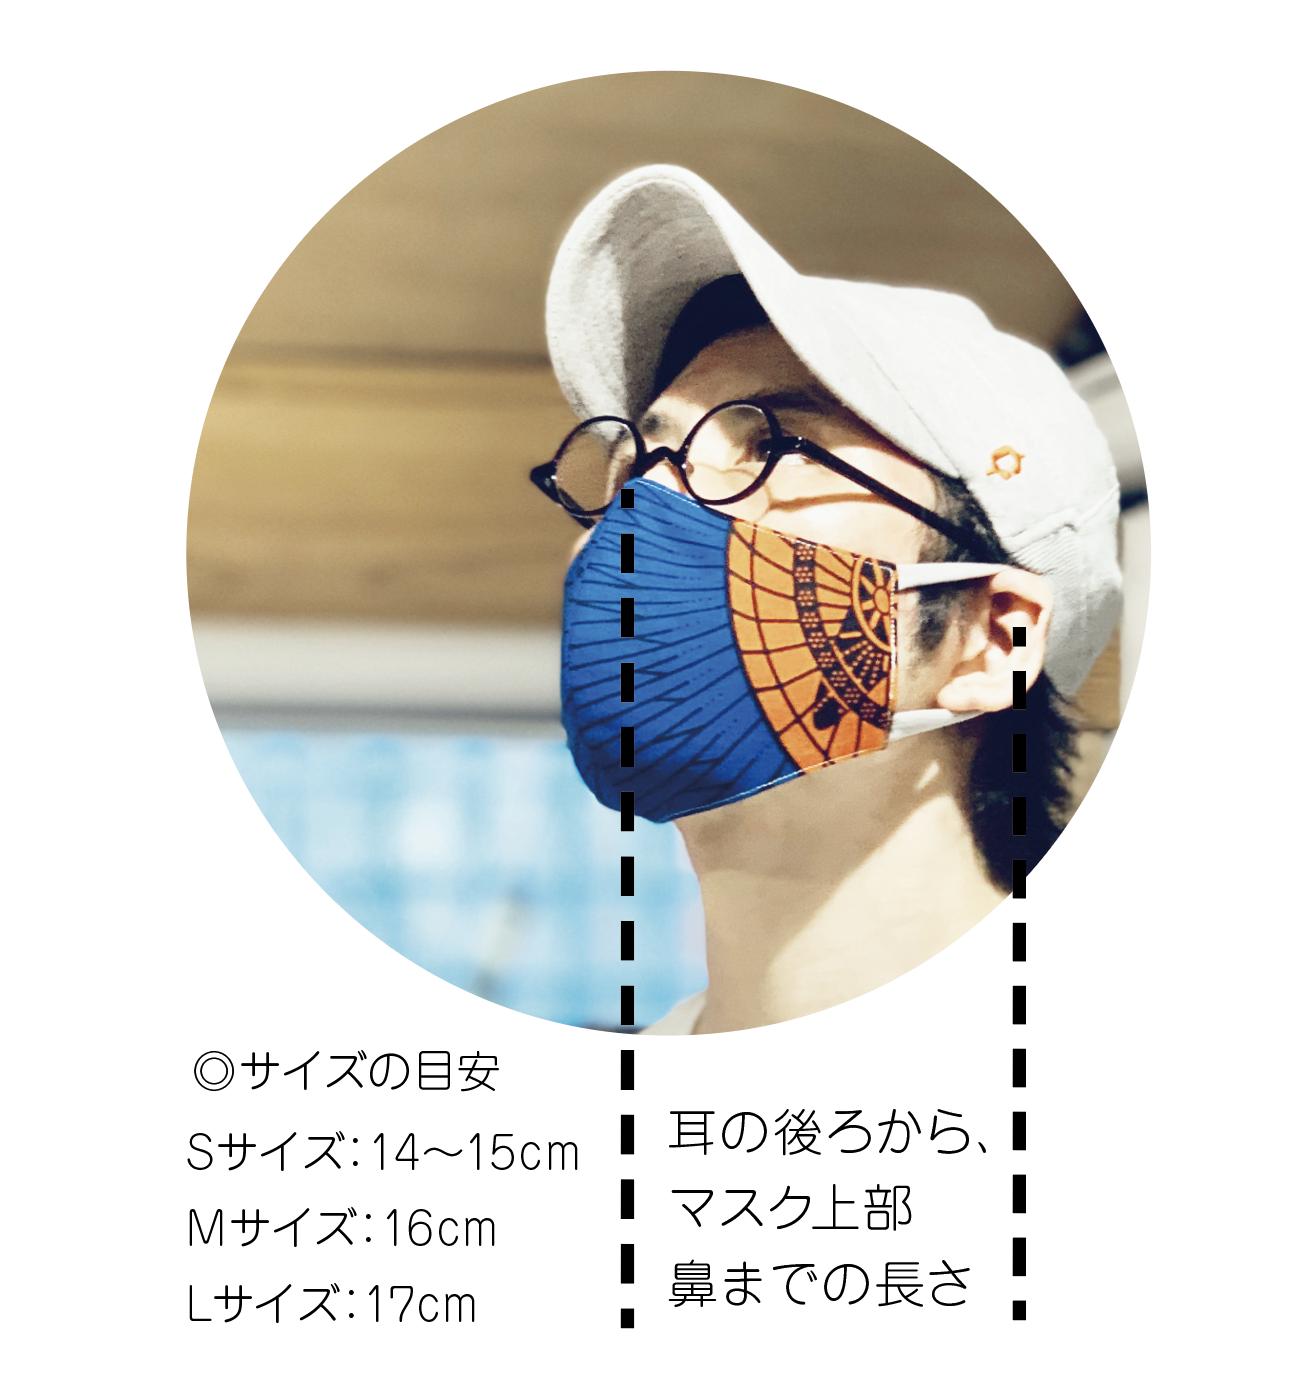 アフリカ布で作った銅繊維シート入りマスク/ダイヤ